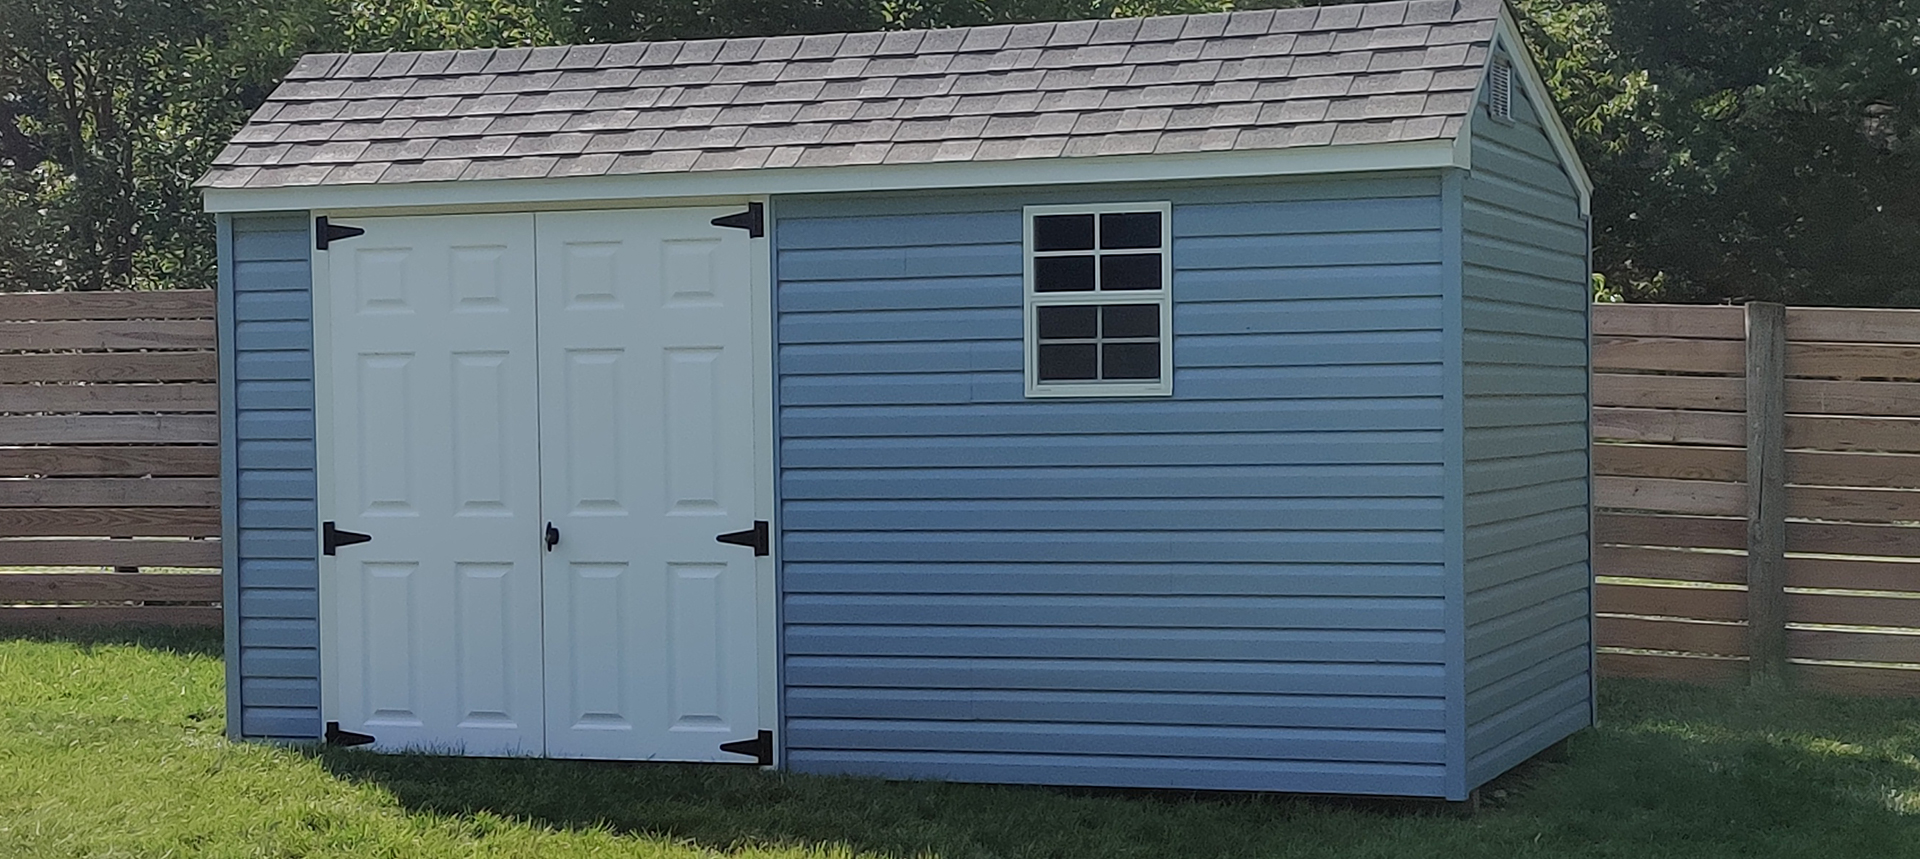 Door Window Siding Roof